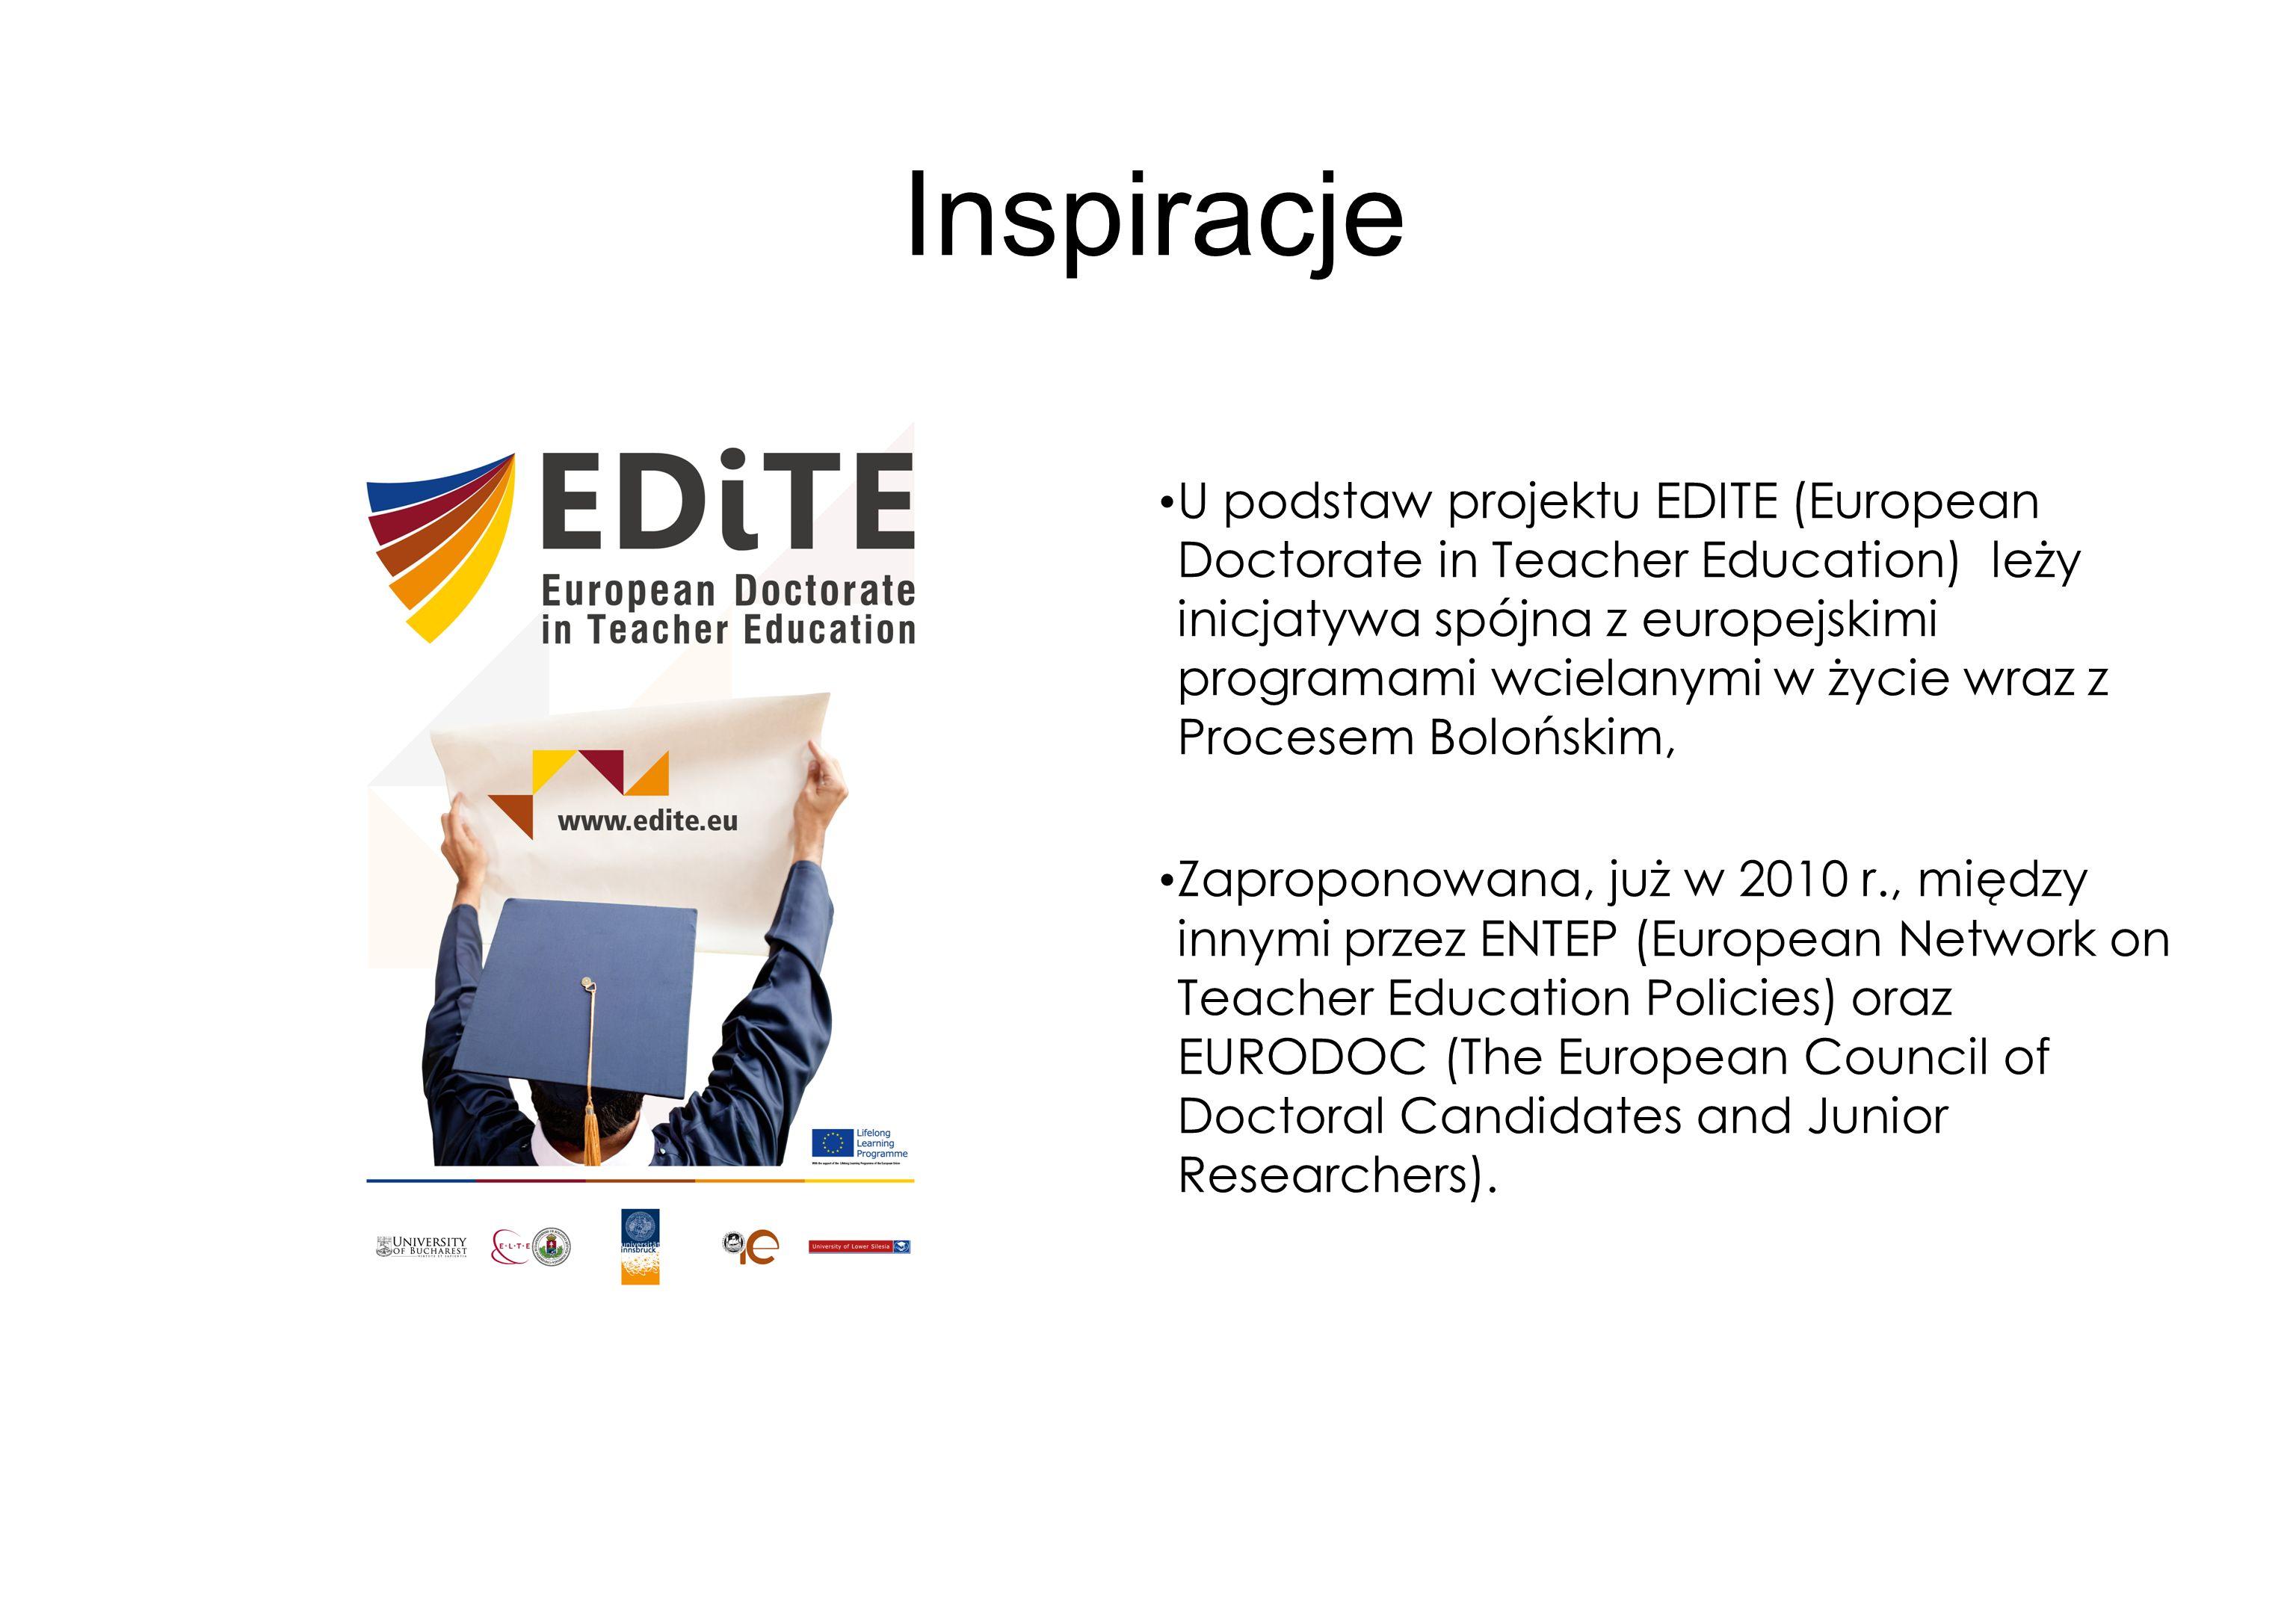 Inspiracje U podstaw projektu EDITE (European Doctorate in Teacher Education) leży inicjatywa spójna z europejskimi programami wcielanymi w życie wraz